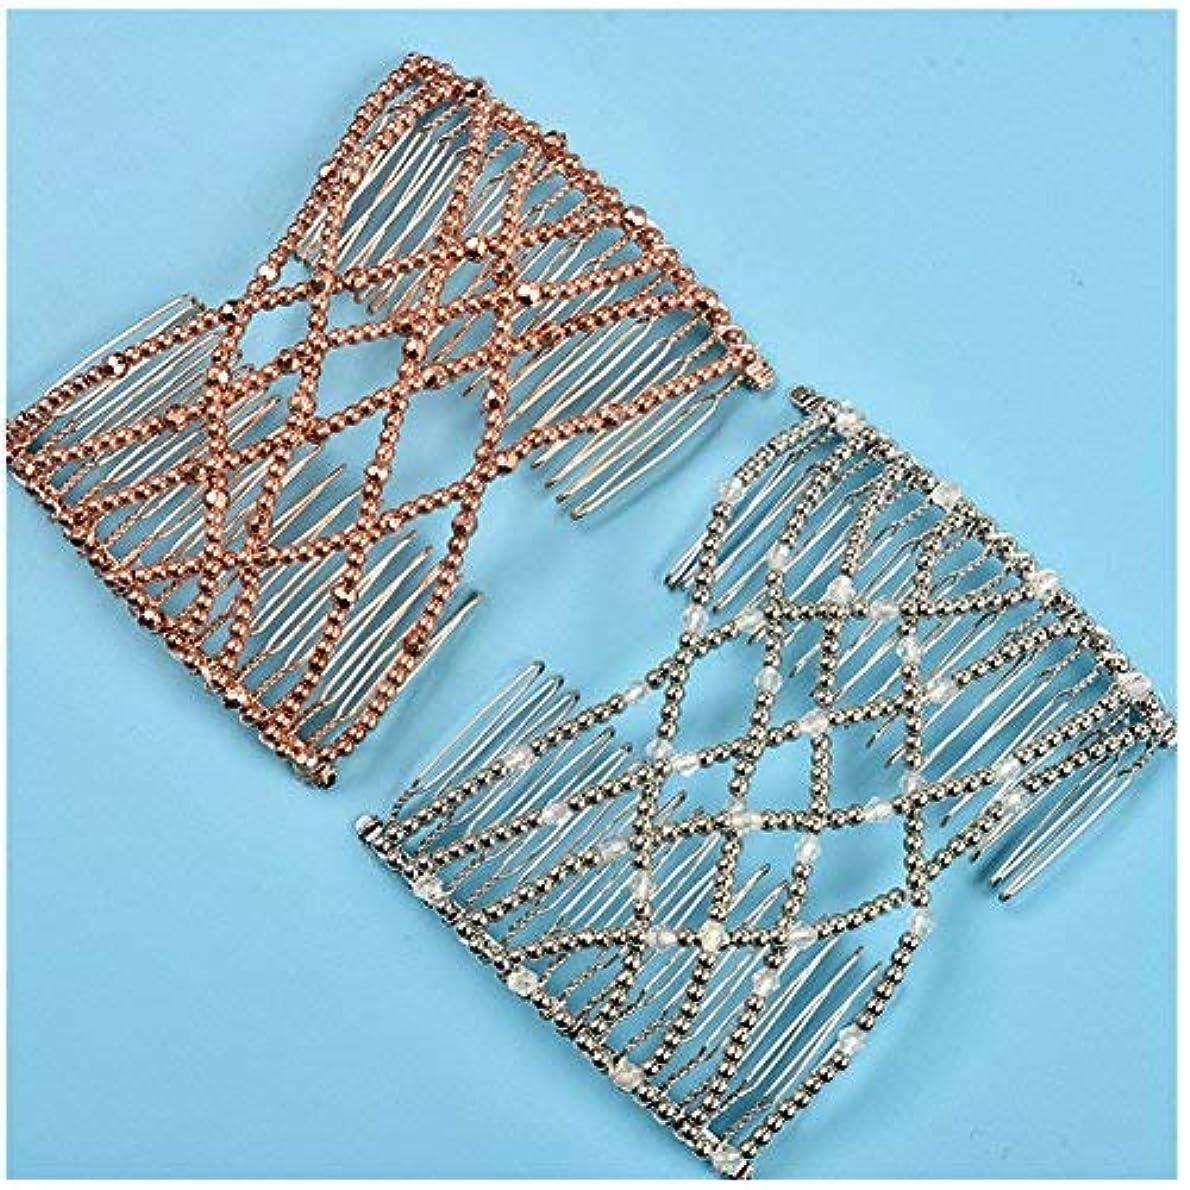 置換コミュニティクラウンLovef 2pcs Fashion Magic Beaded Elasticity Double Hair Comb Clip Stretchy Women Hair Accessories [並行輸入品]